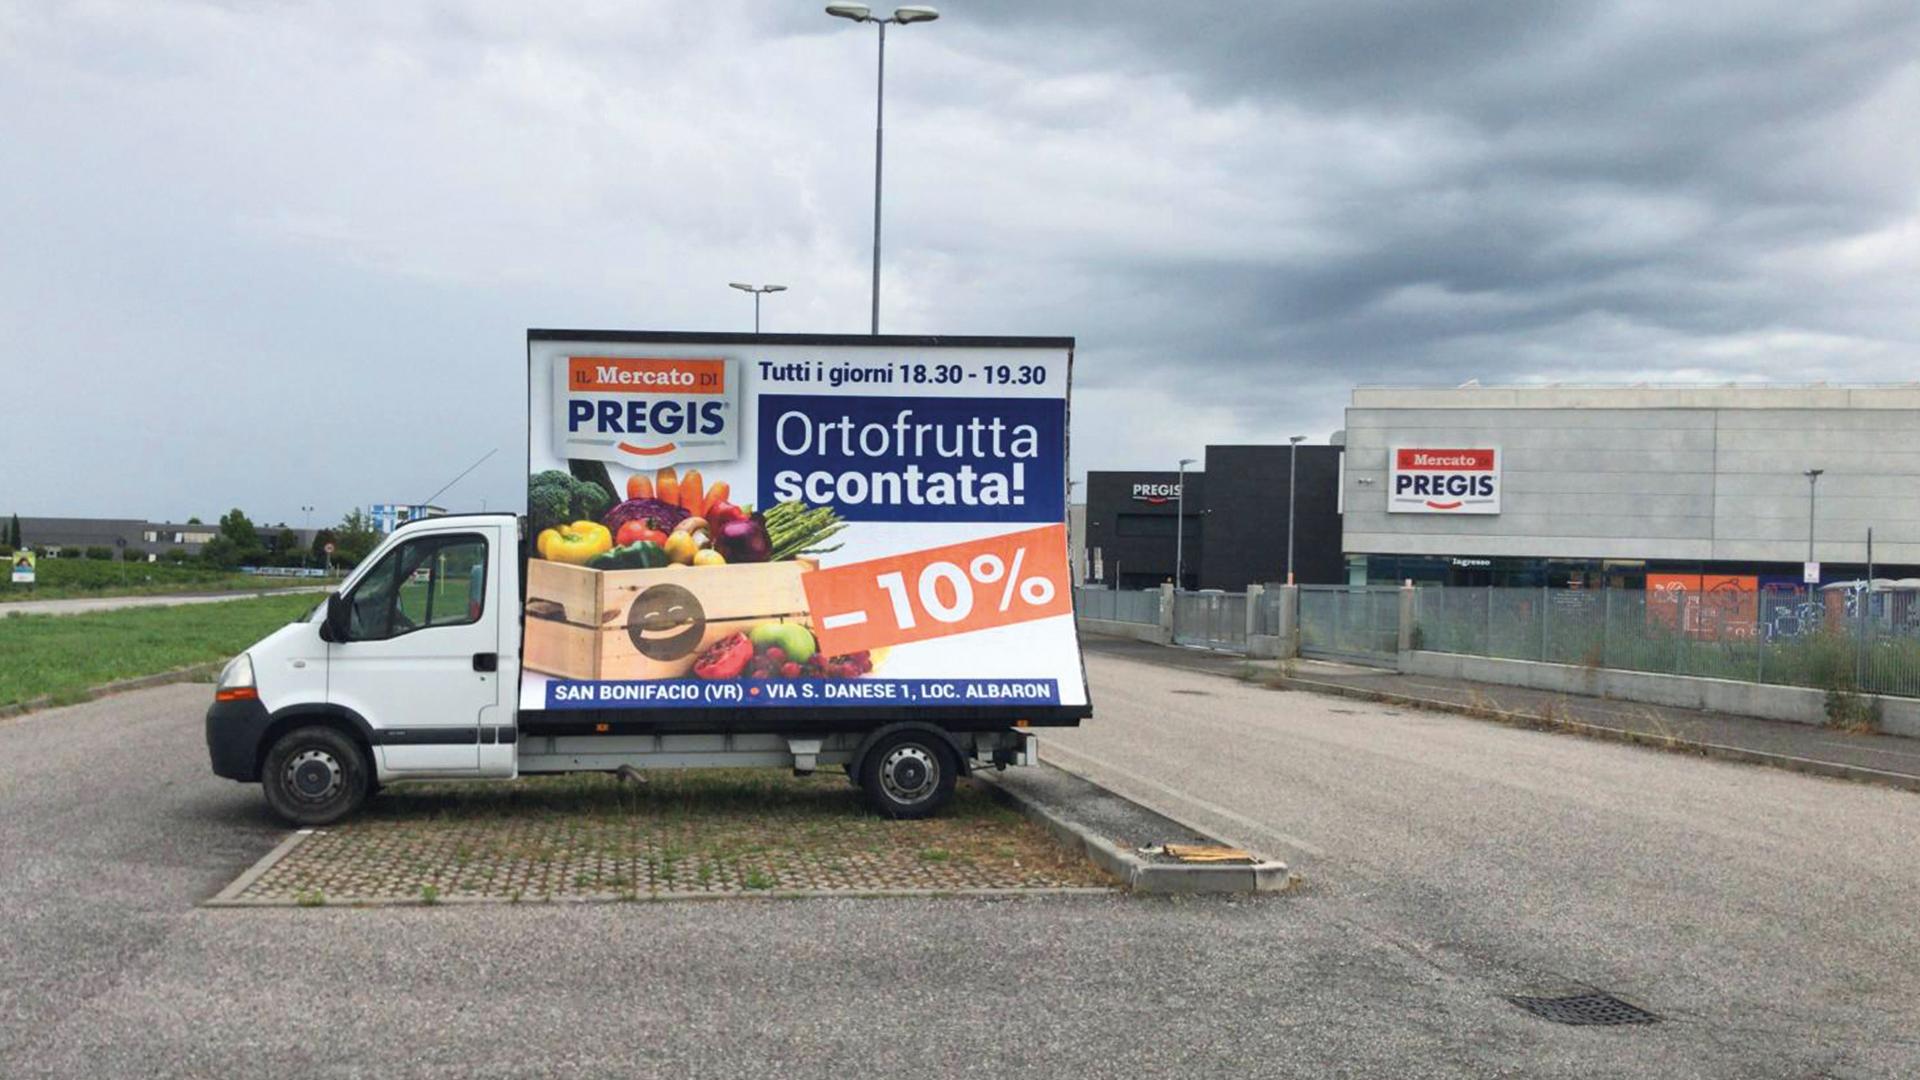 Camion Vela ilMercato_VR